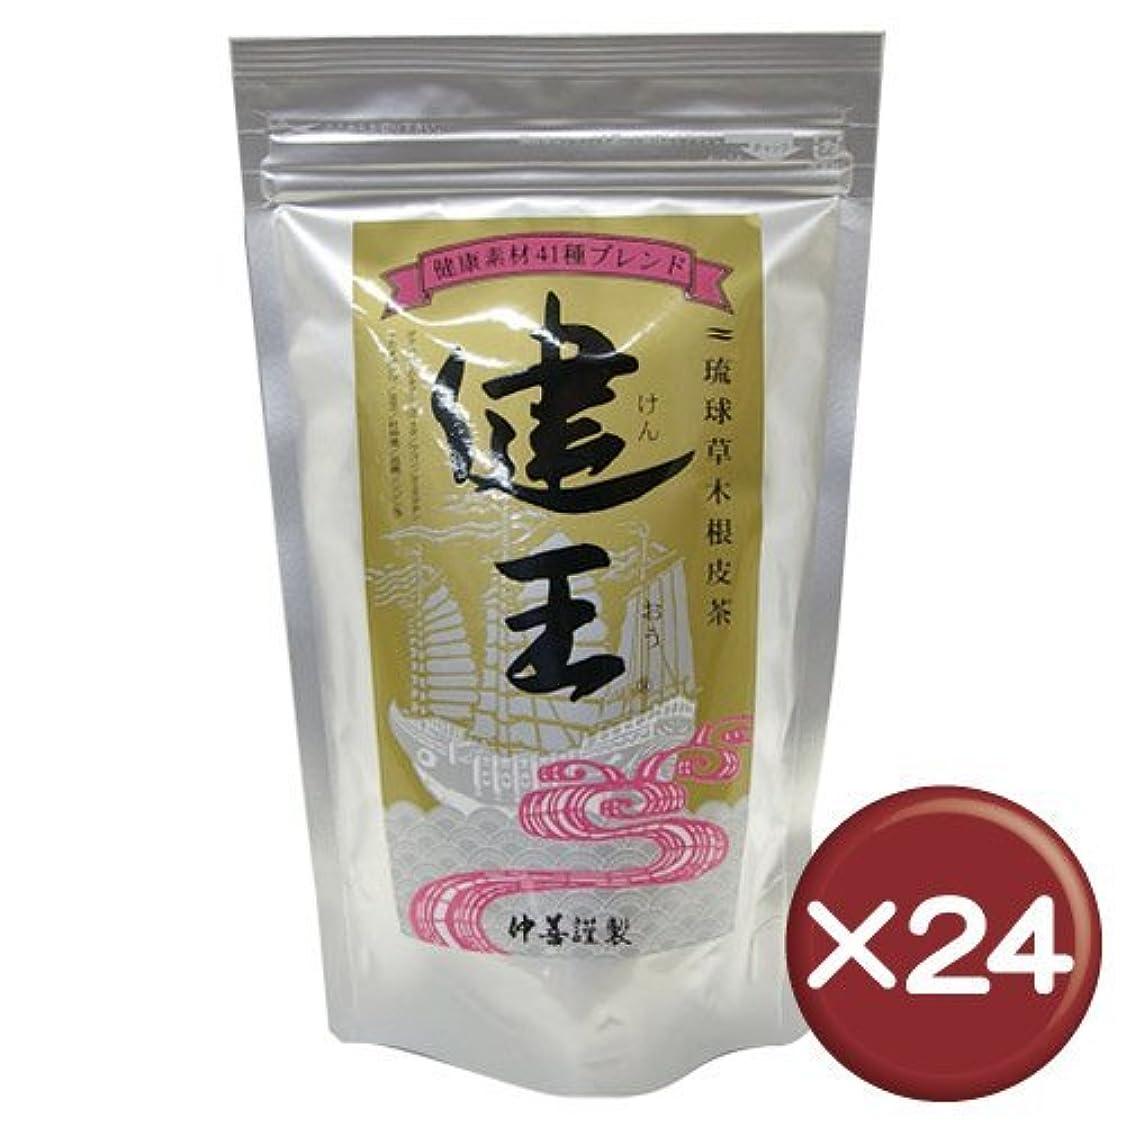 ちっちゃい寛解薬理学琉球草木根皮茶 健王 ティーバッグ 2g×30包 24袋セット